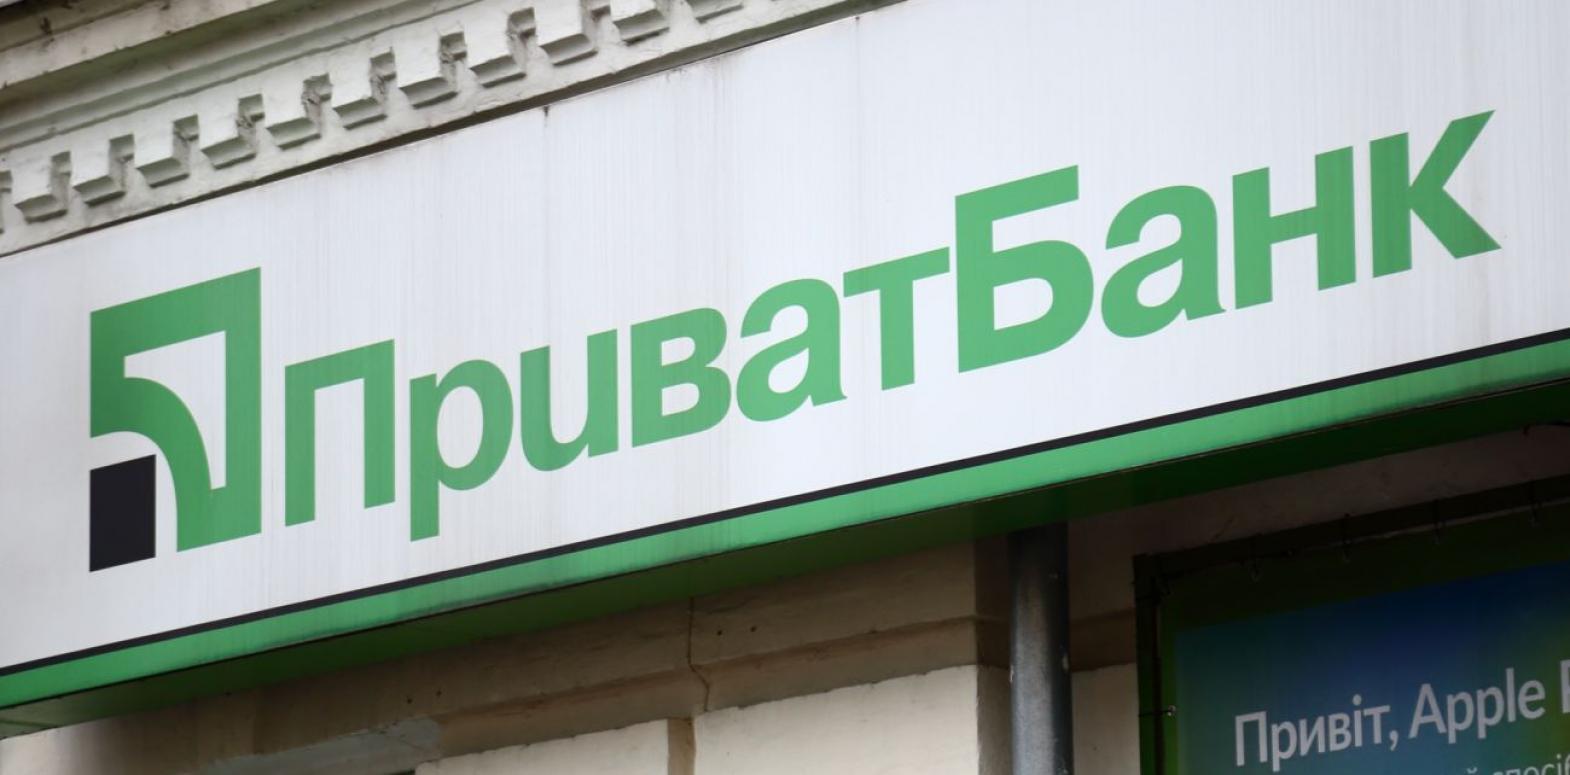 ПриватБанк выявил подделку документов в деле о 250 млн долларов Суркисов